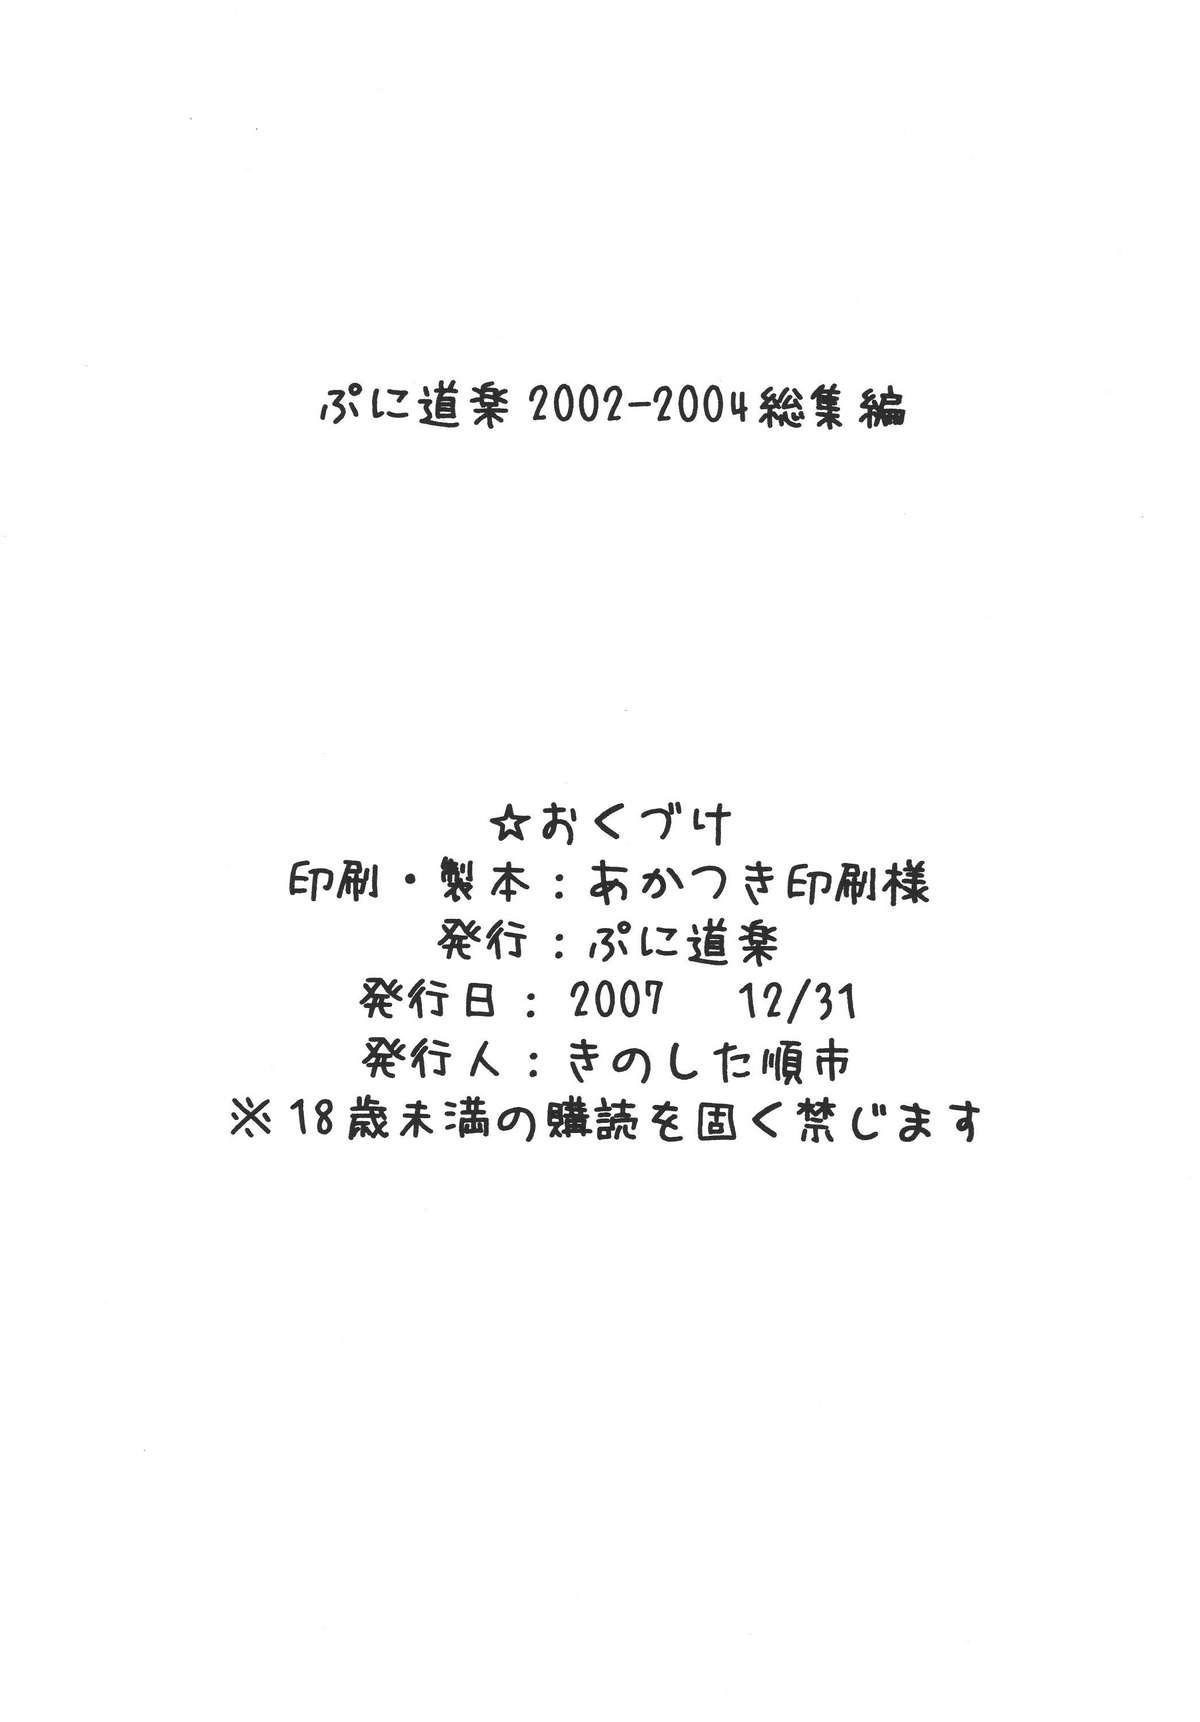 (C73) [Puni-Douraku (Kinoshita Junichi)] Puni-Douraku Soushuuhen 2002-2004 109